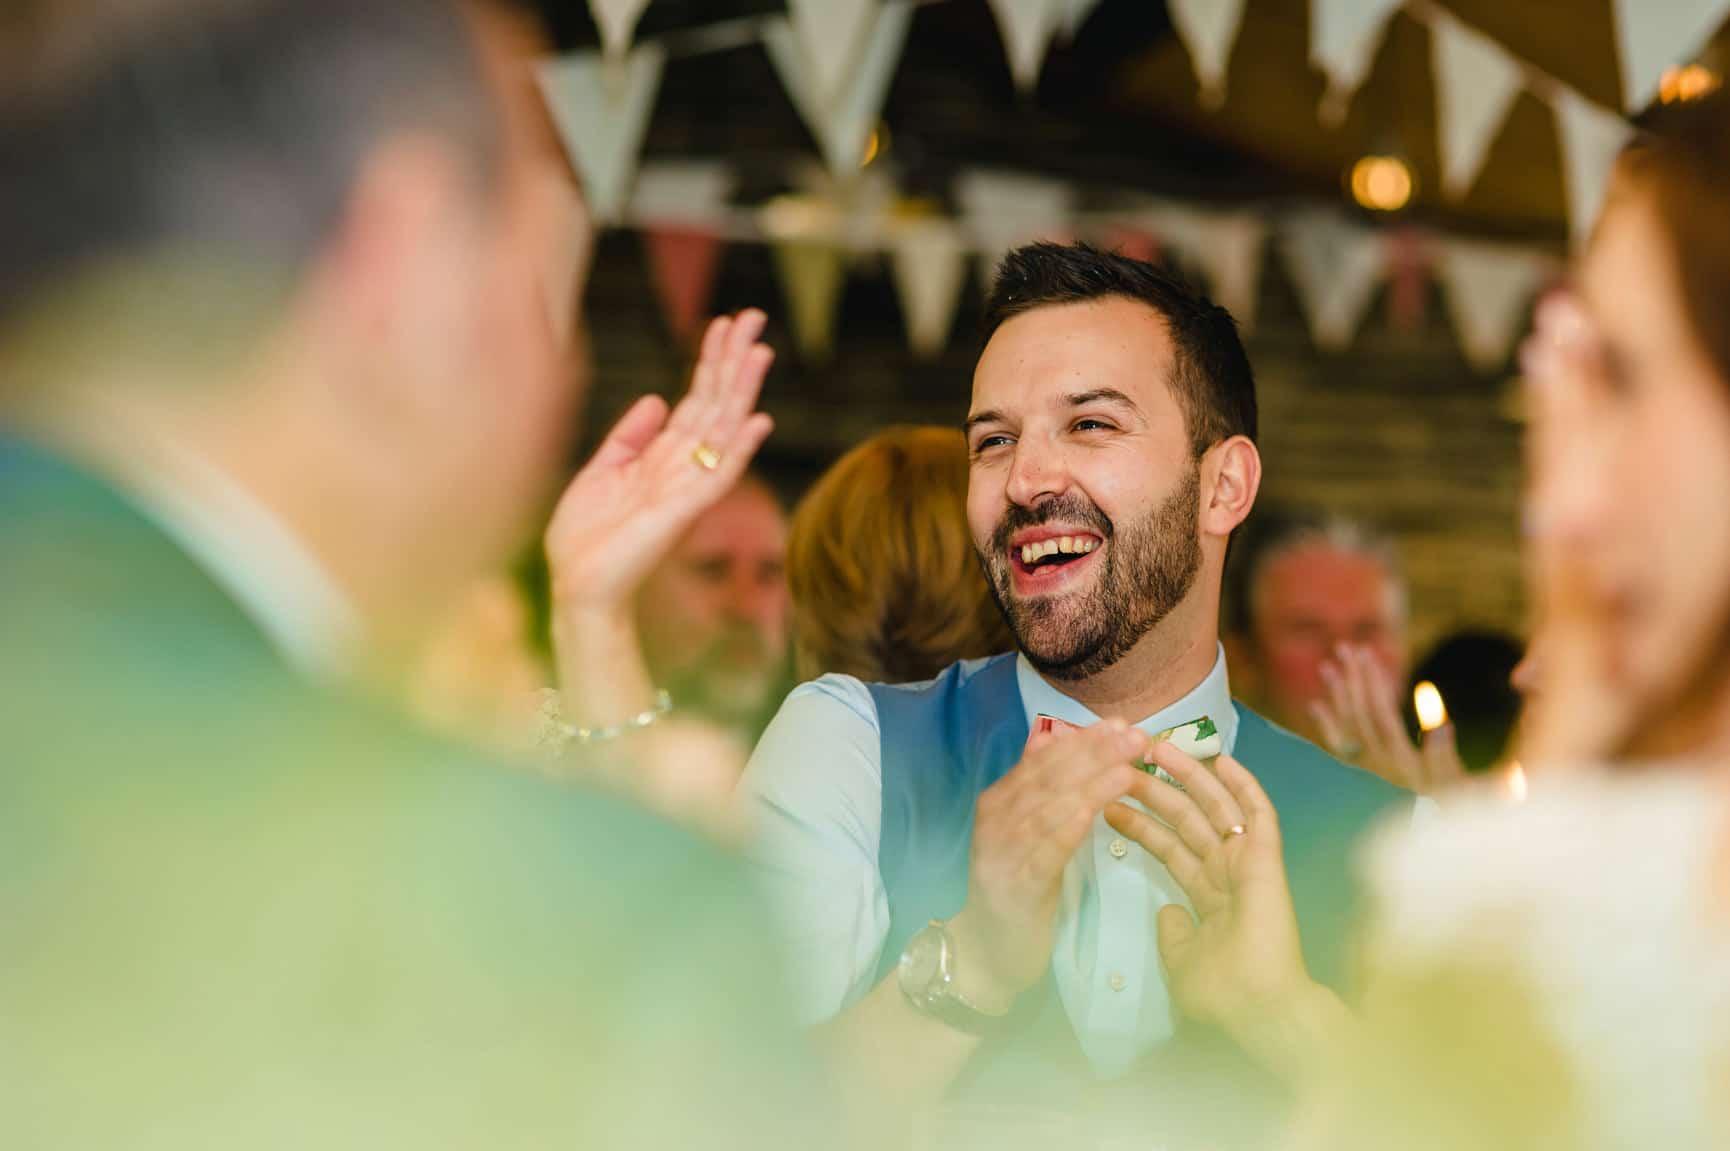 Fforest Wedding, Cardigan, Wales - Lauren and Gareth 115